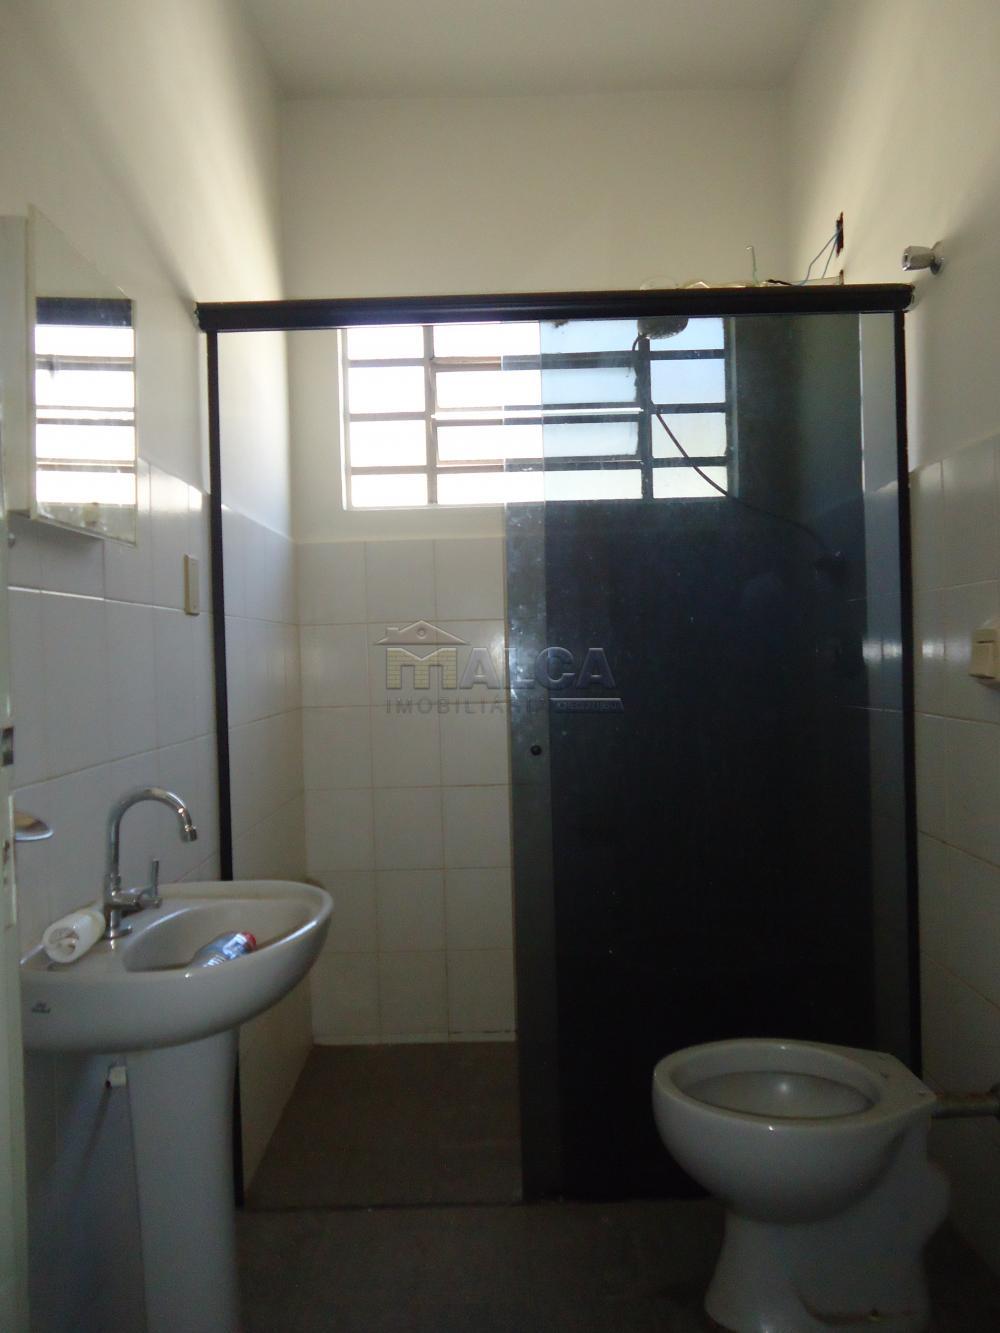 Alugar Casas / Padrão em São José do Rio Pardo apenas R$ 650,00 - Foto 13